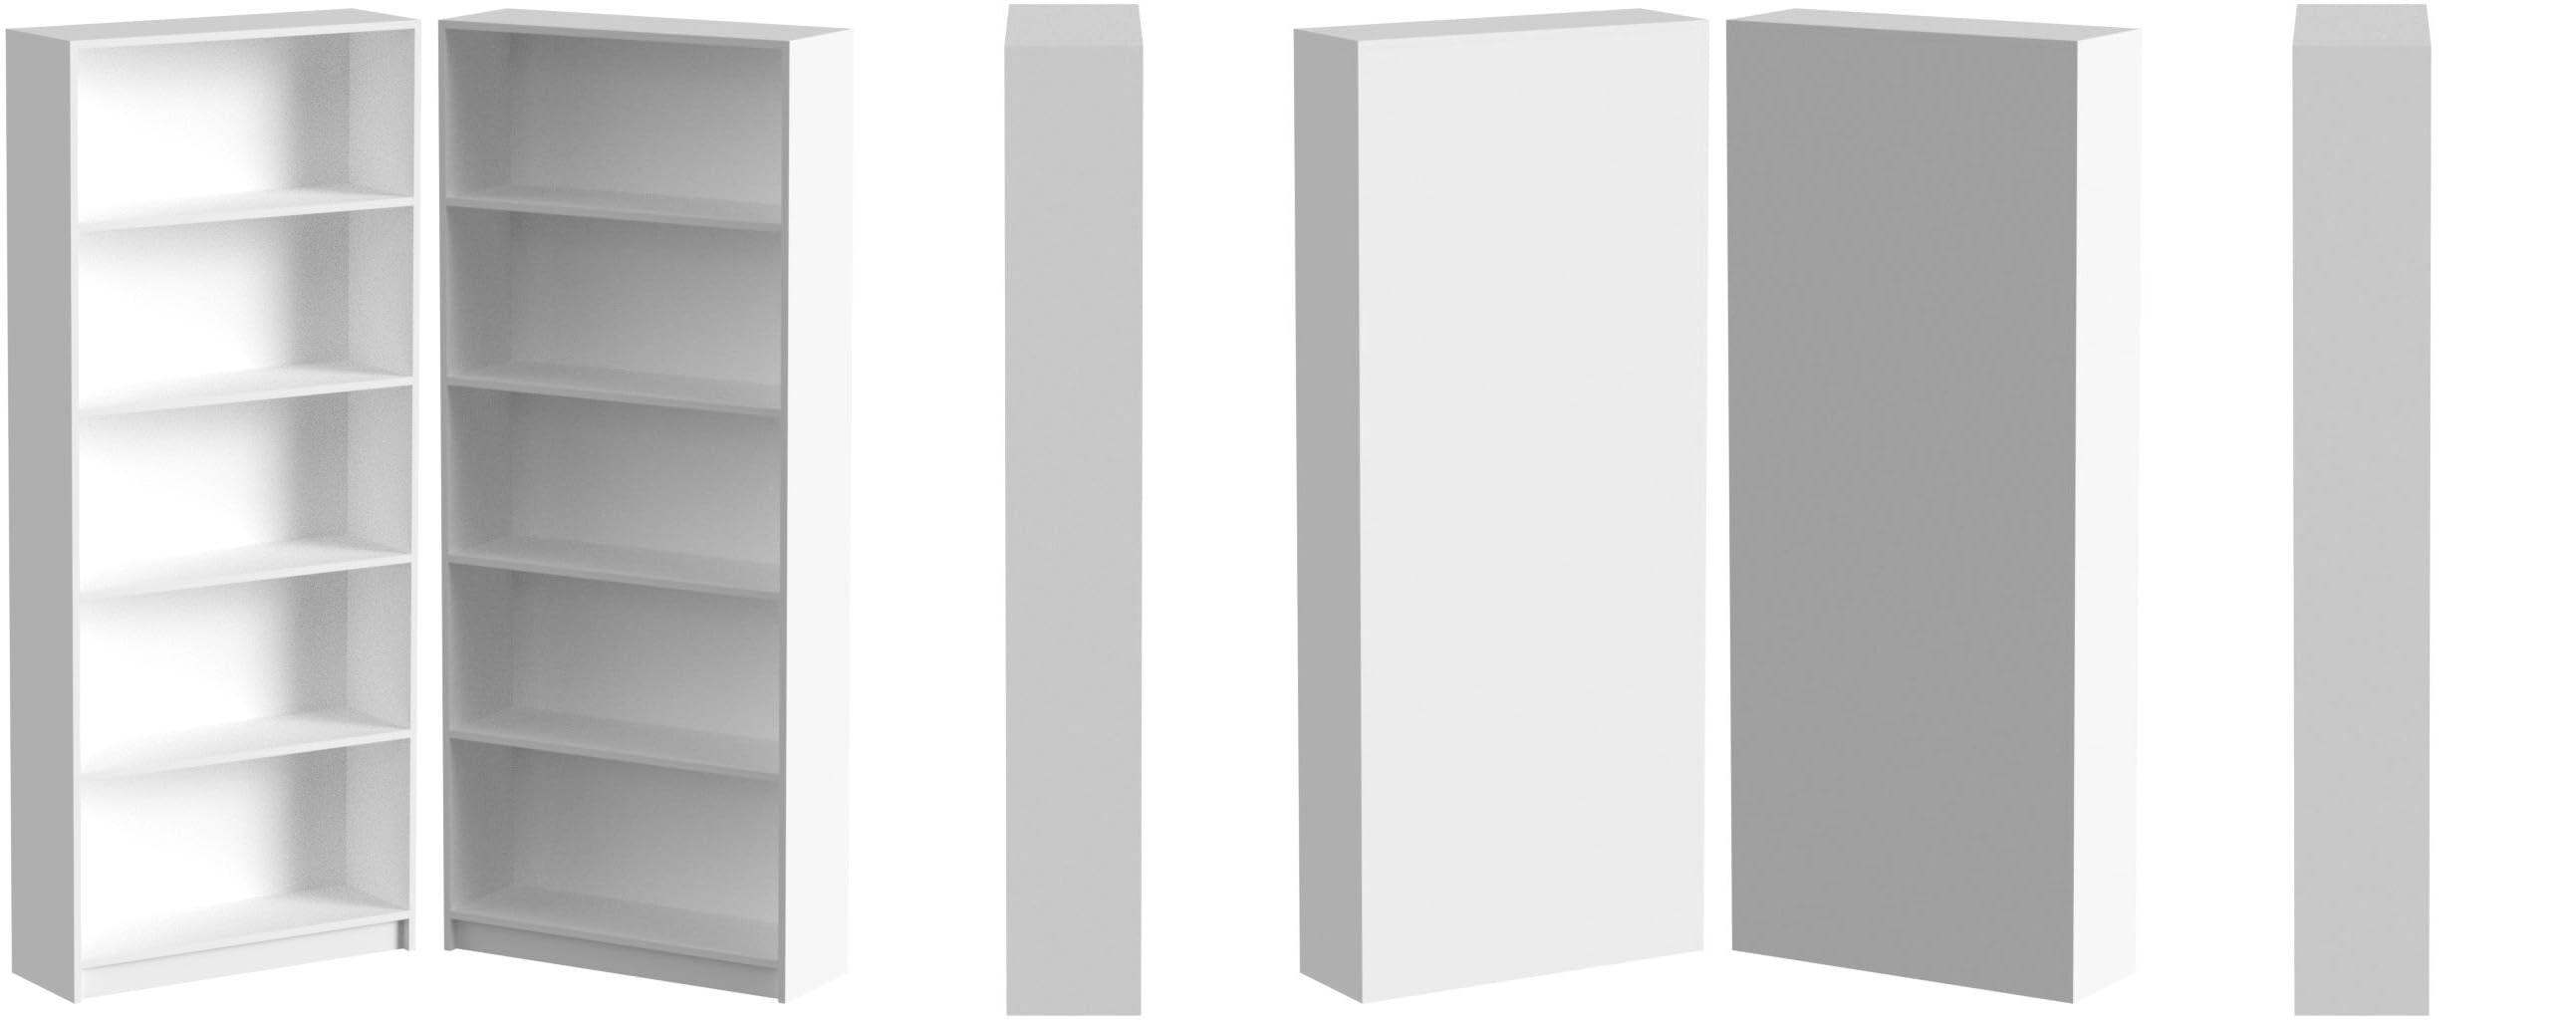 Estantería Alta 5 Estantes, Color Blanco, Medidas: 180 x 75 x ...